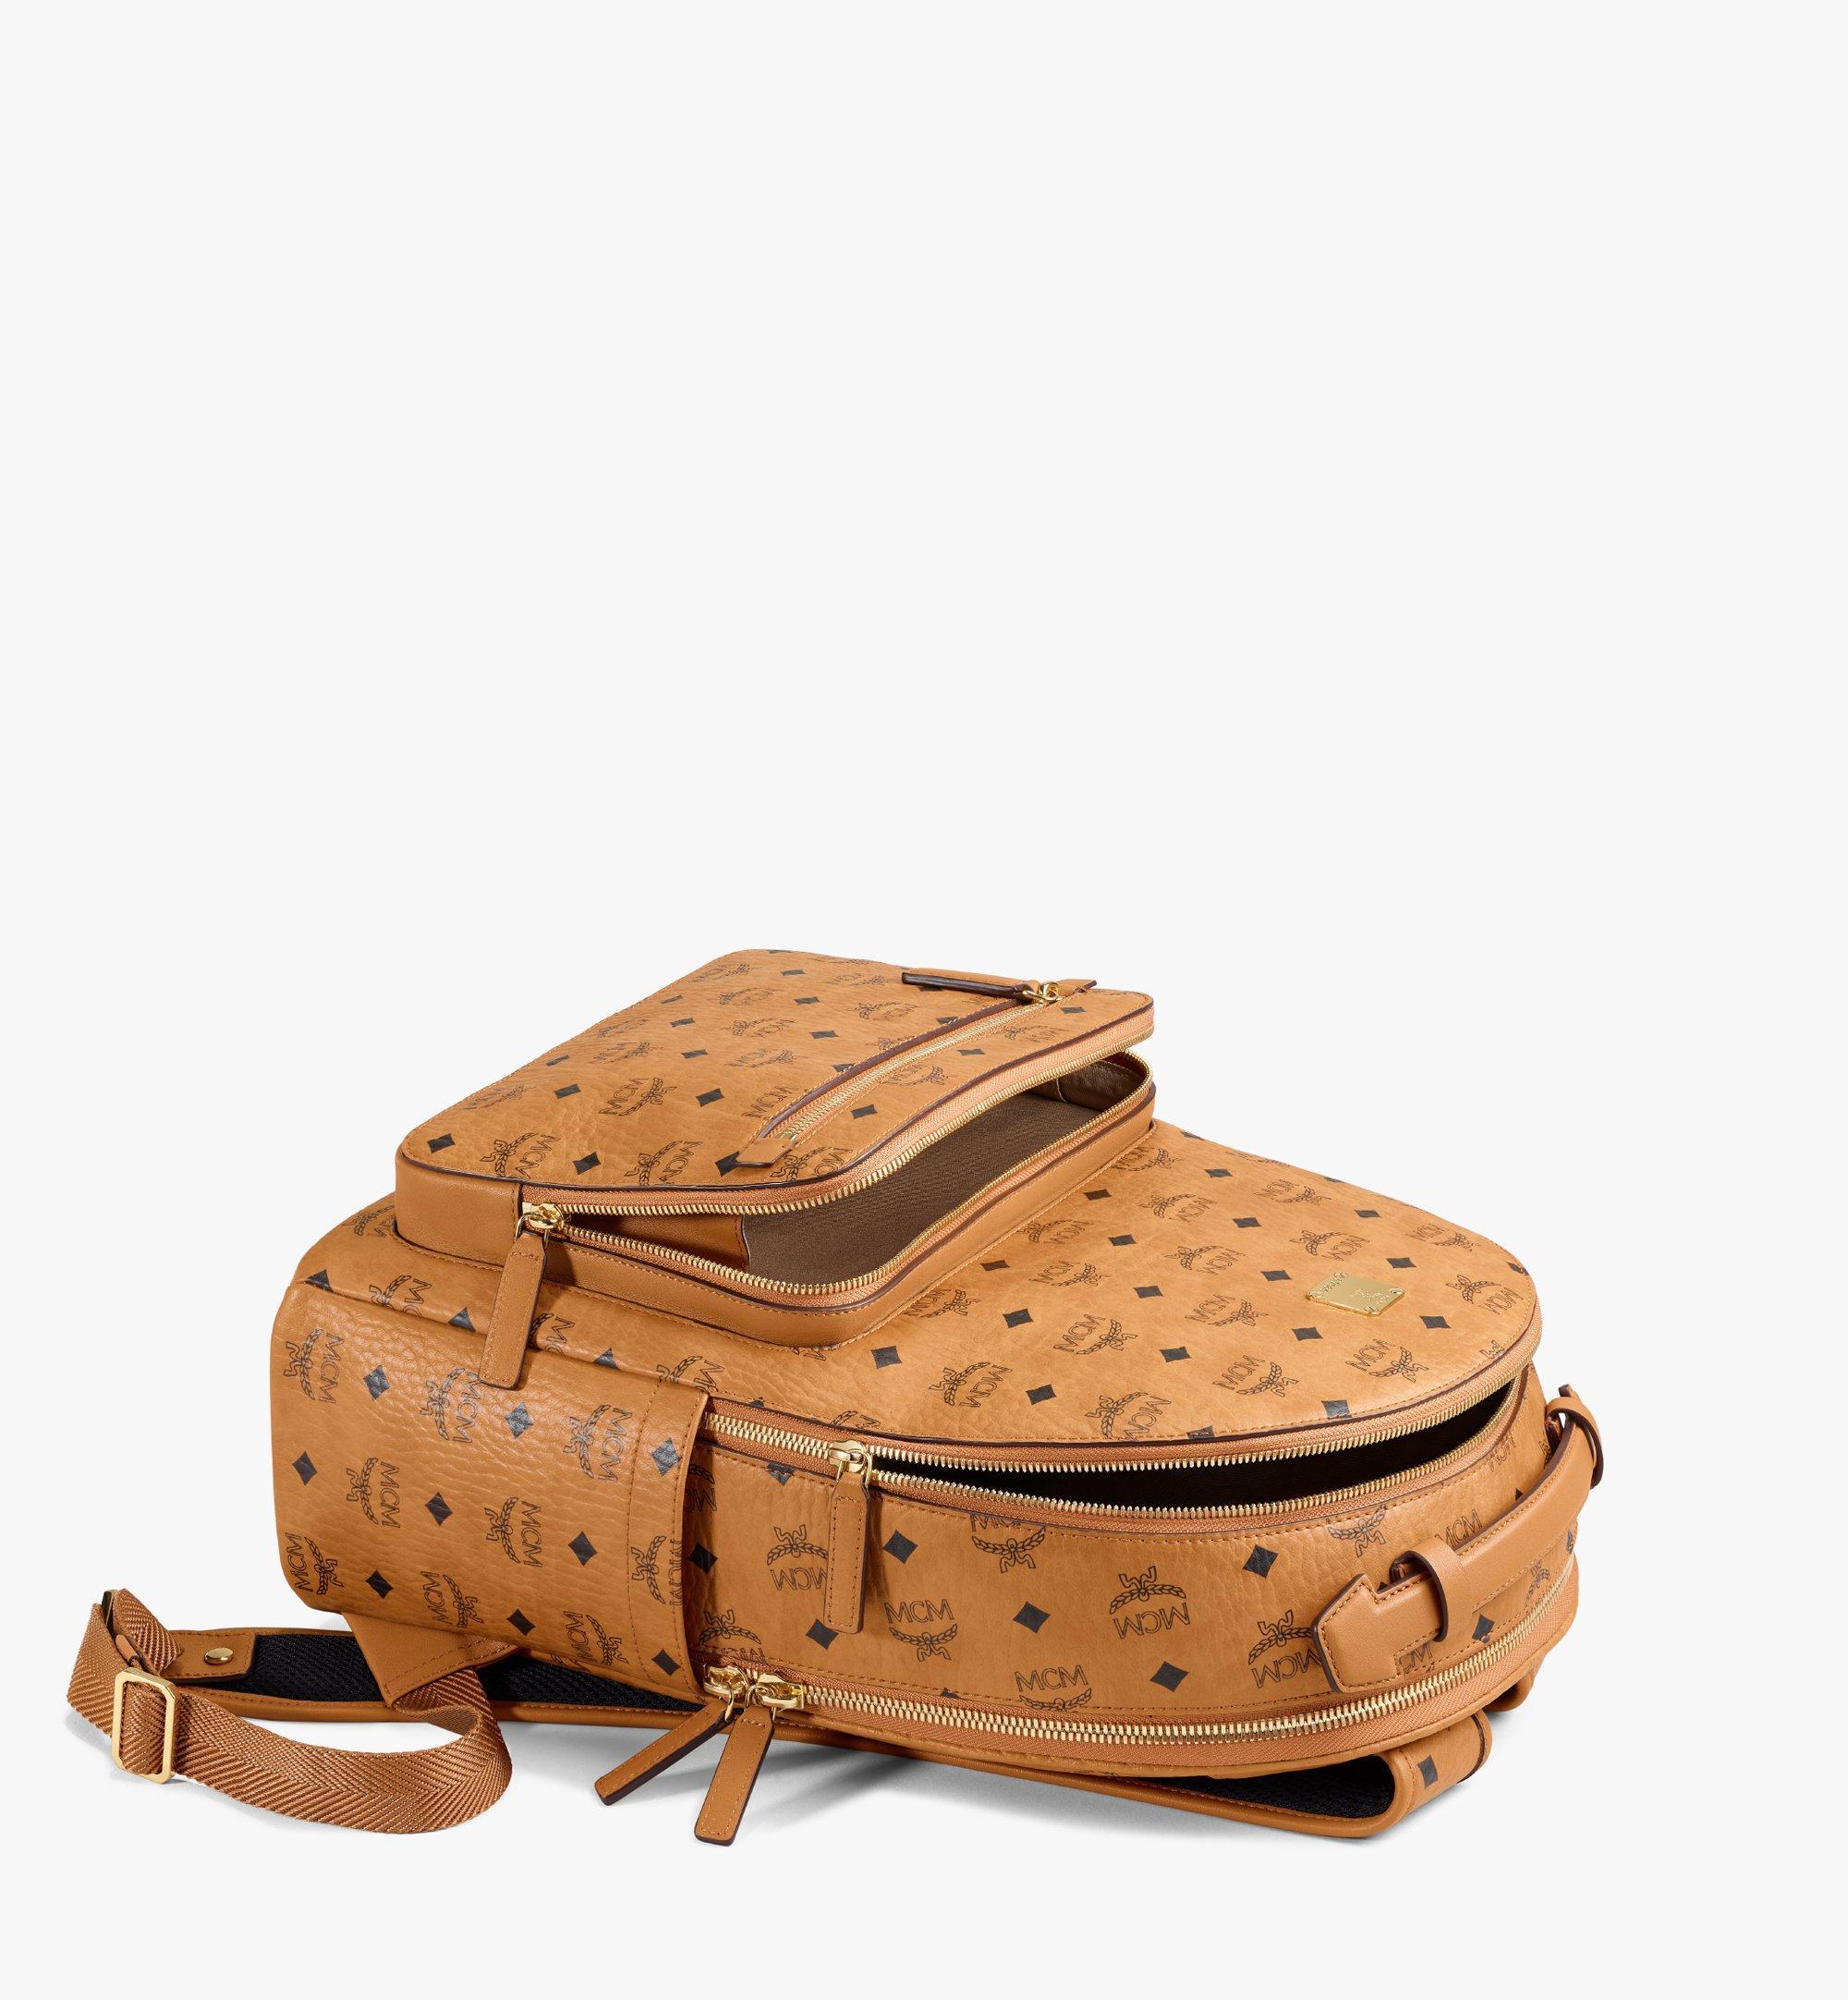 MCM กระเป๋าเป้สะพายหลัง Stark ลาย Visetos Cognac MMKAAVE07CO001 มุมมองอื่น 2